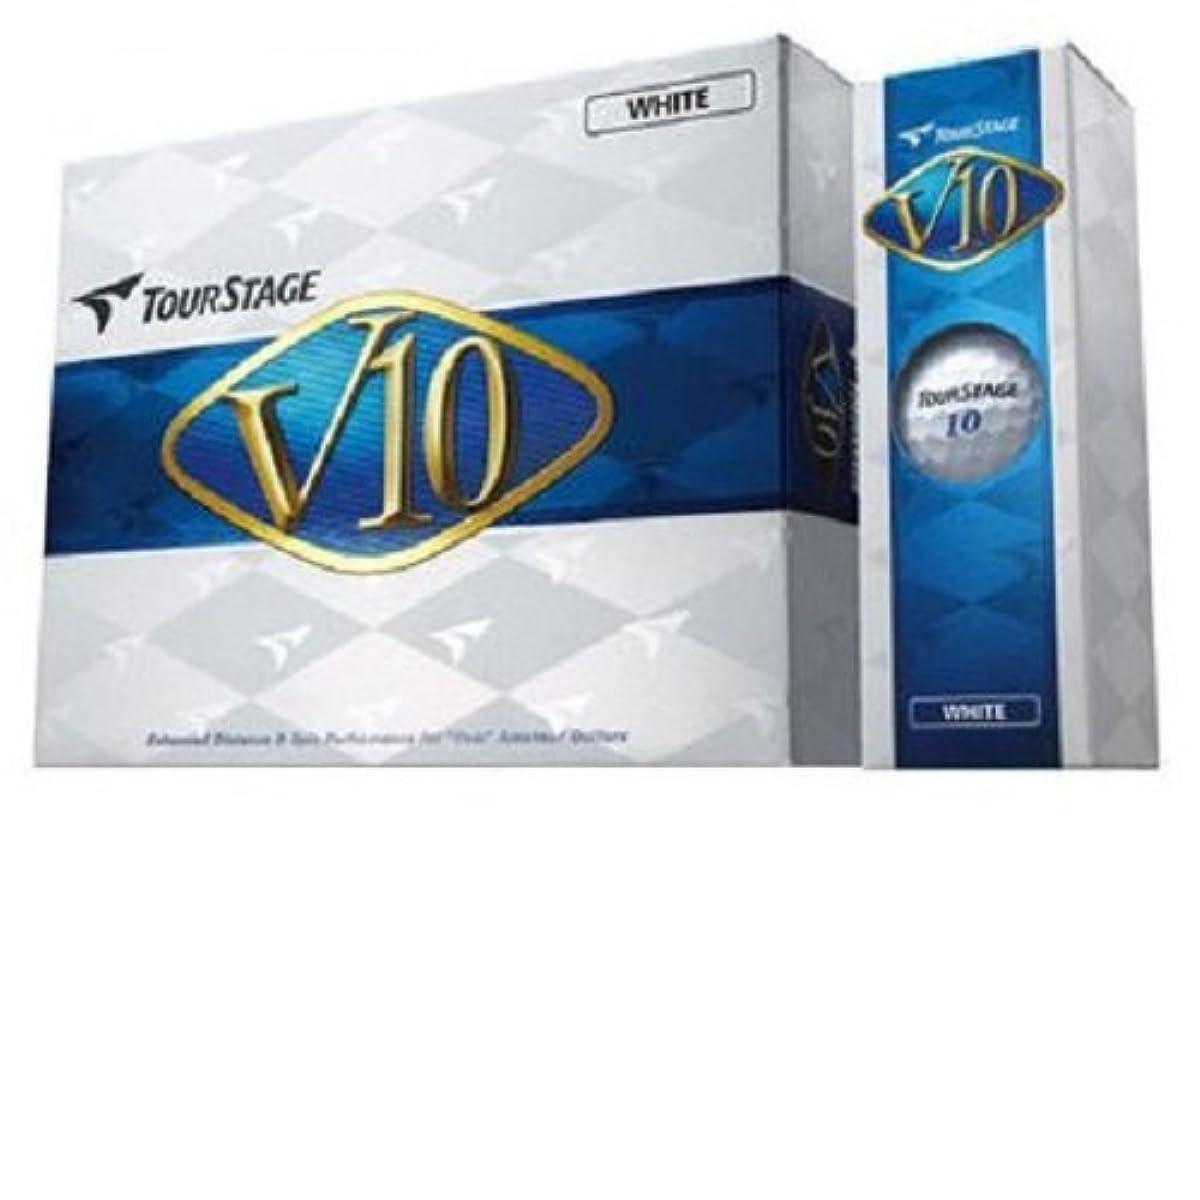 [해외] BRIDGESTONE(브리지스톤) TOUR STAGE 투어 스테이지 V10 화이트 12개입 VXWX (2012-03-12)